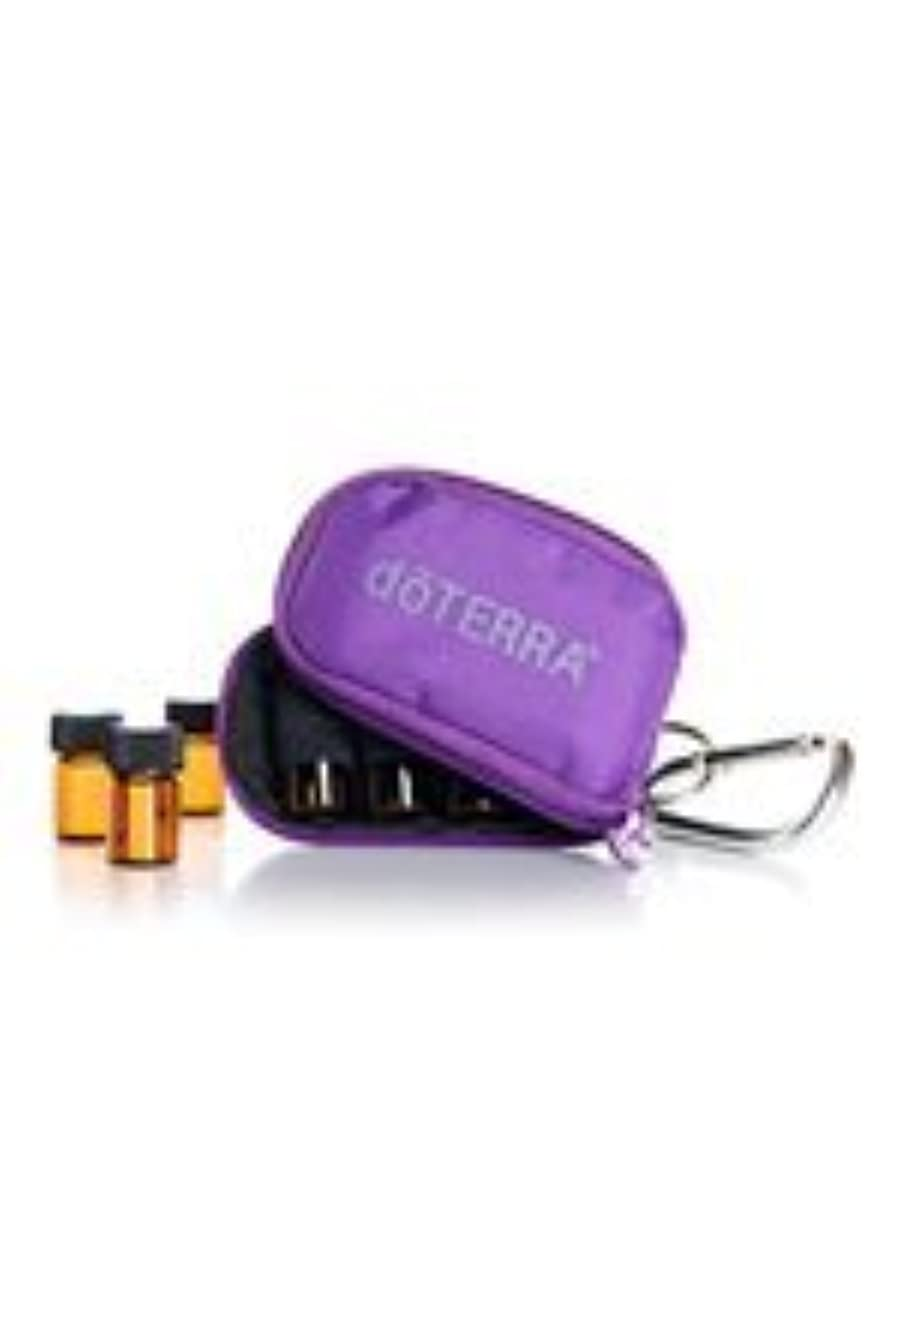 接ぎ木必需品単語doTERRAドテラ ミニ ボトル ケース パープル ミニボトル 2ml 8本 精油 エッセンシャルオイル 携帯ケース ポーチ